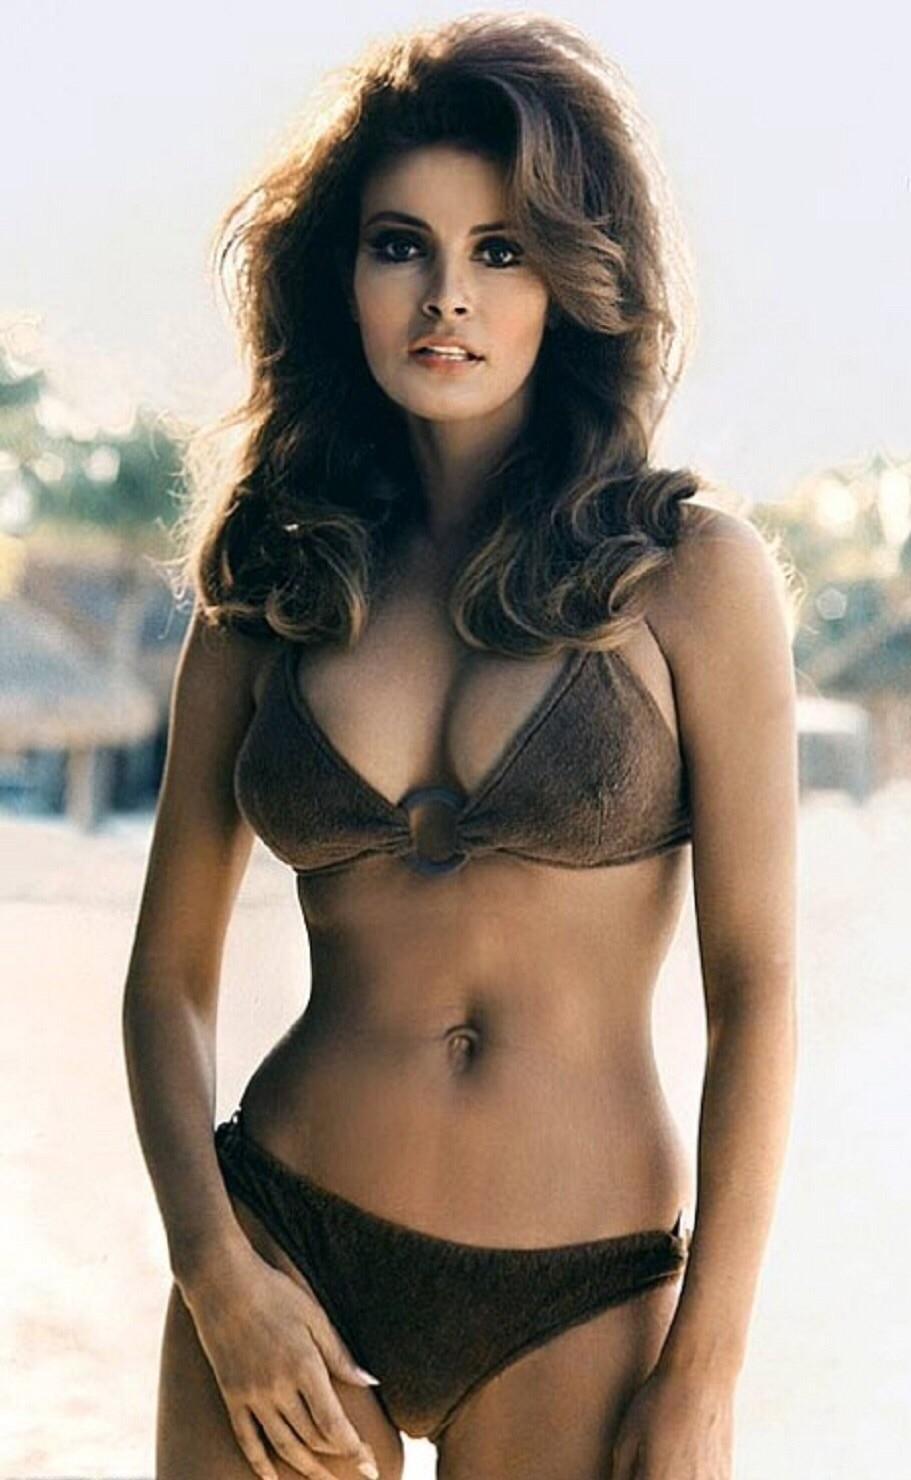 Raquel Welch hot pics